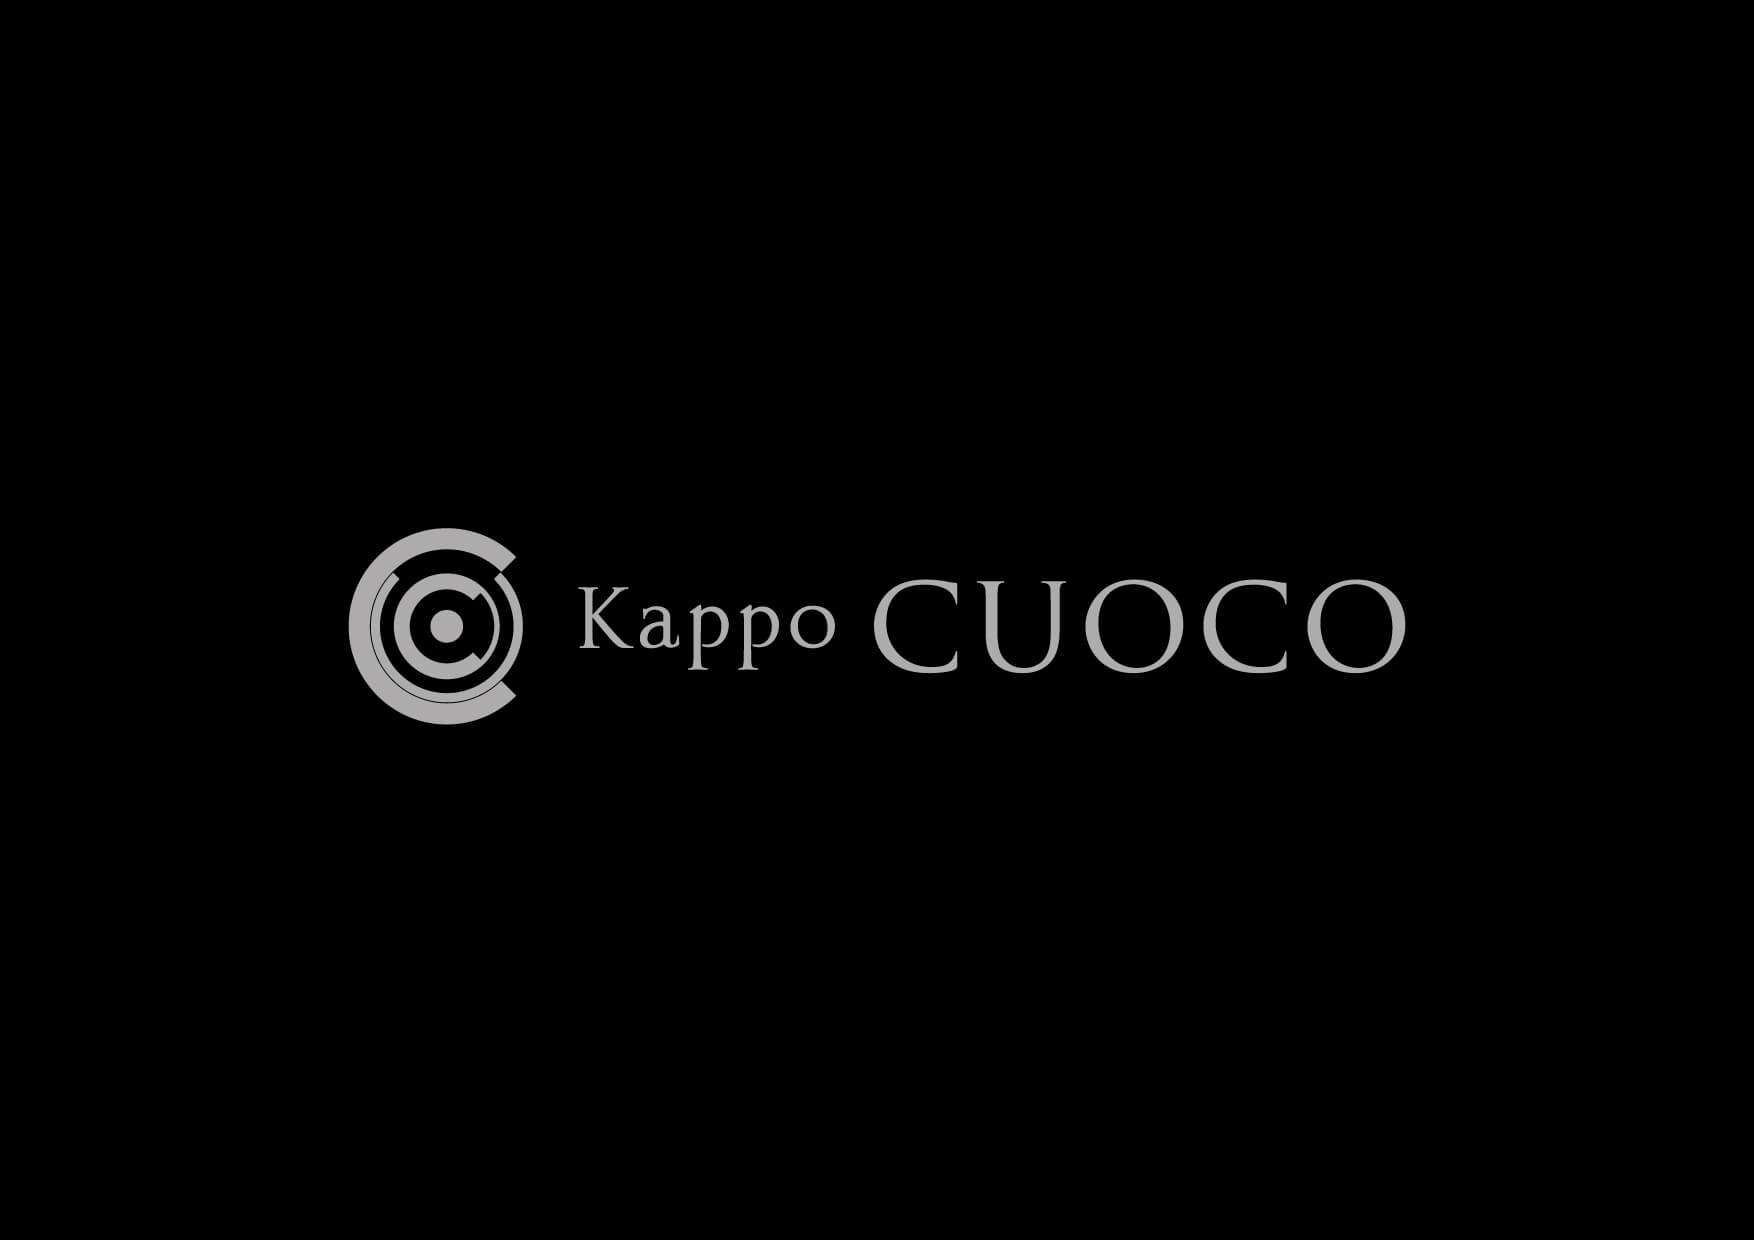 Kappo cuoco様 ロゴマークデザイン